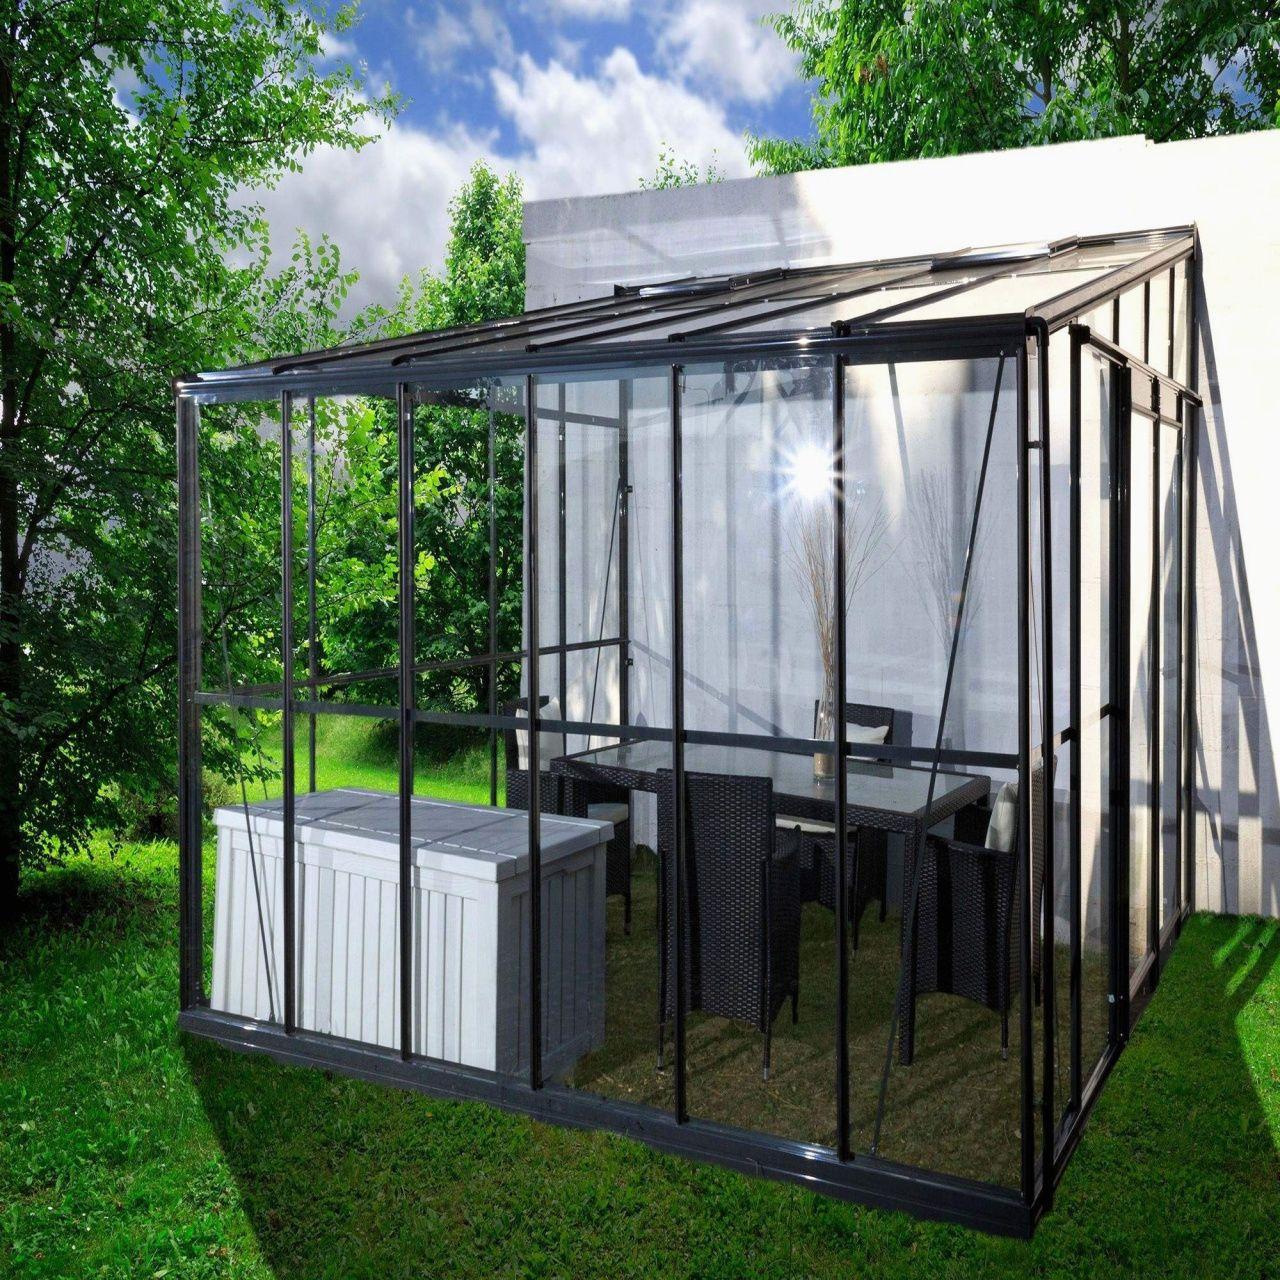 77 Serre De Jardin Leroy Merlin | Indoor Garden, Outdoor, Garden à Serres De Jardin Leroy Merlin